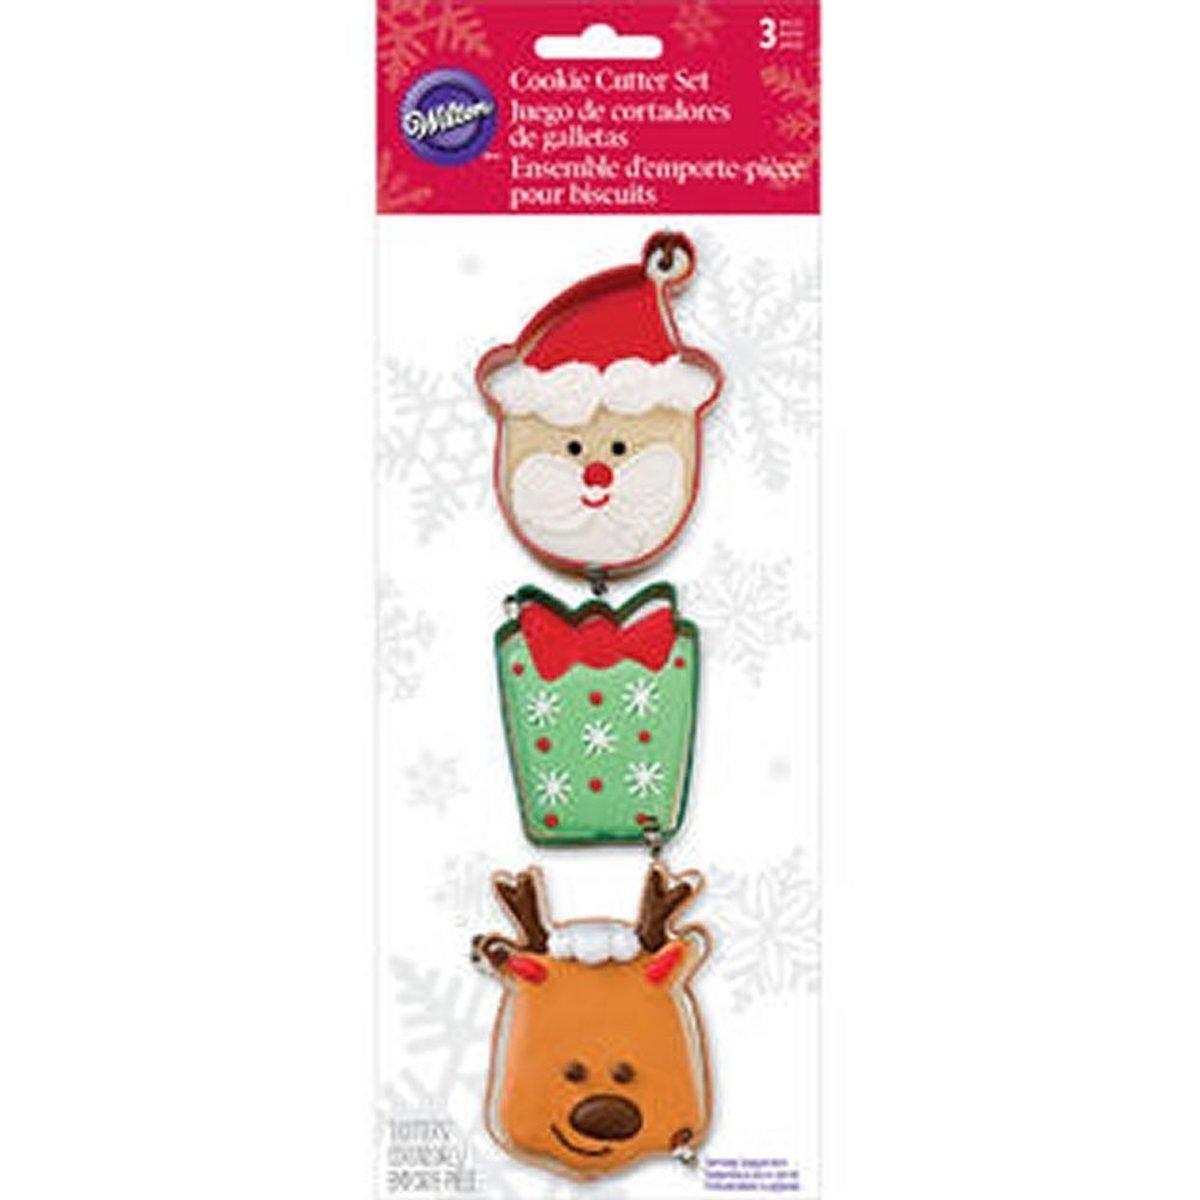 Wilton - Cookie cutter set - kerstthema - verpakt per 3 kopen